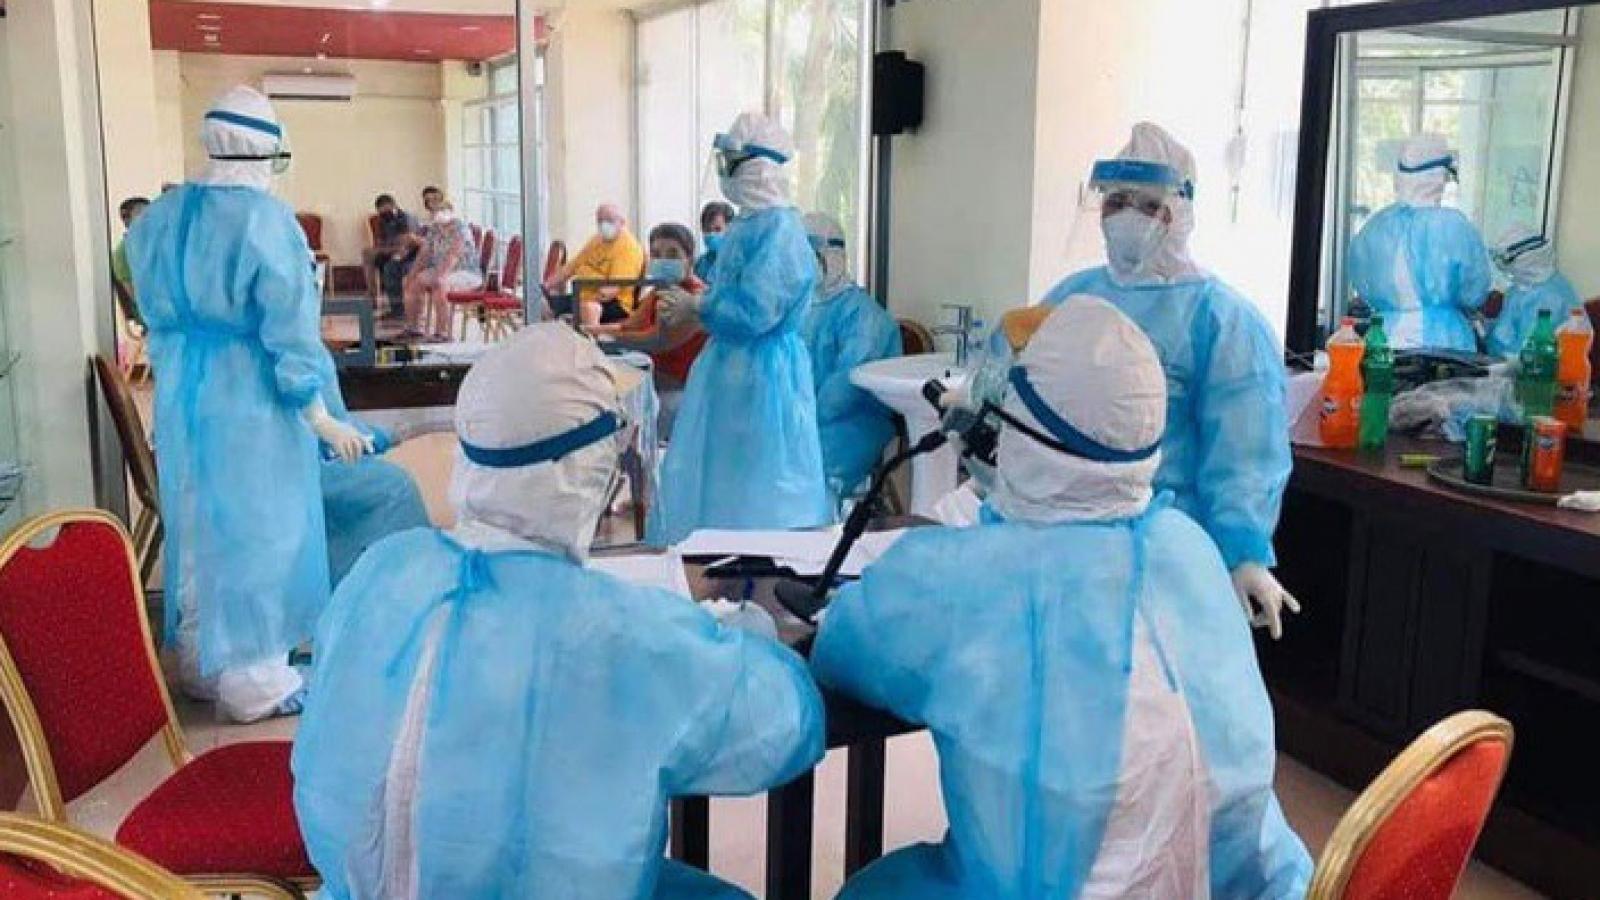 Campuchia phát hiện thêm 26 trường hợp dương tính với Covid-19